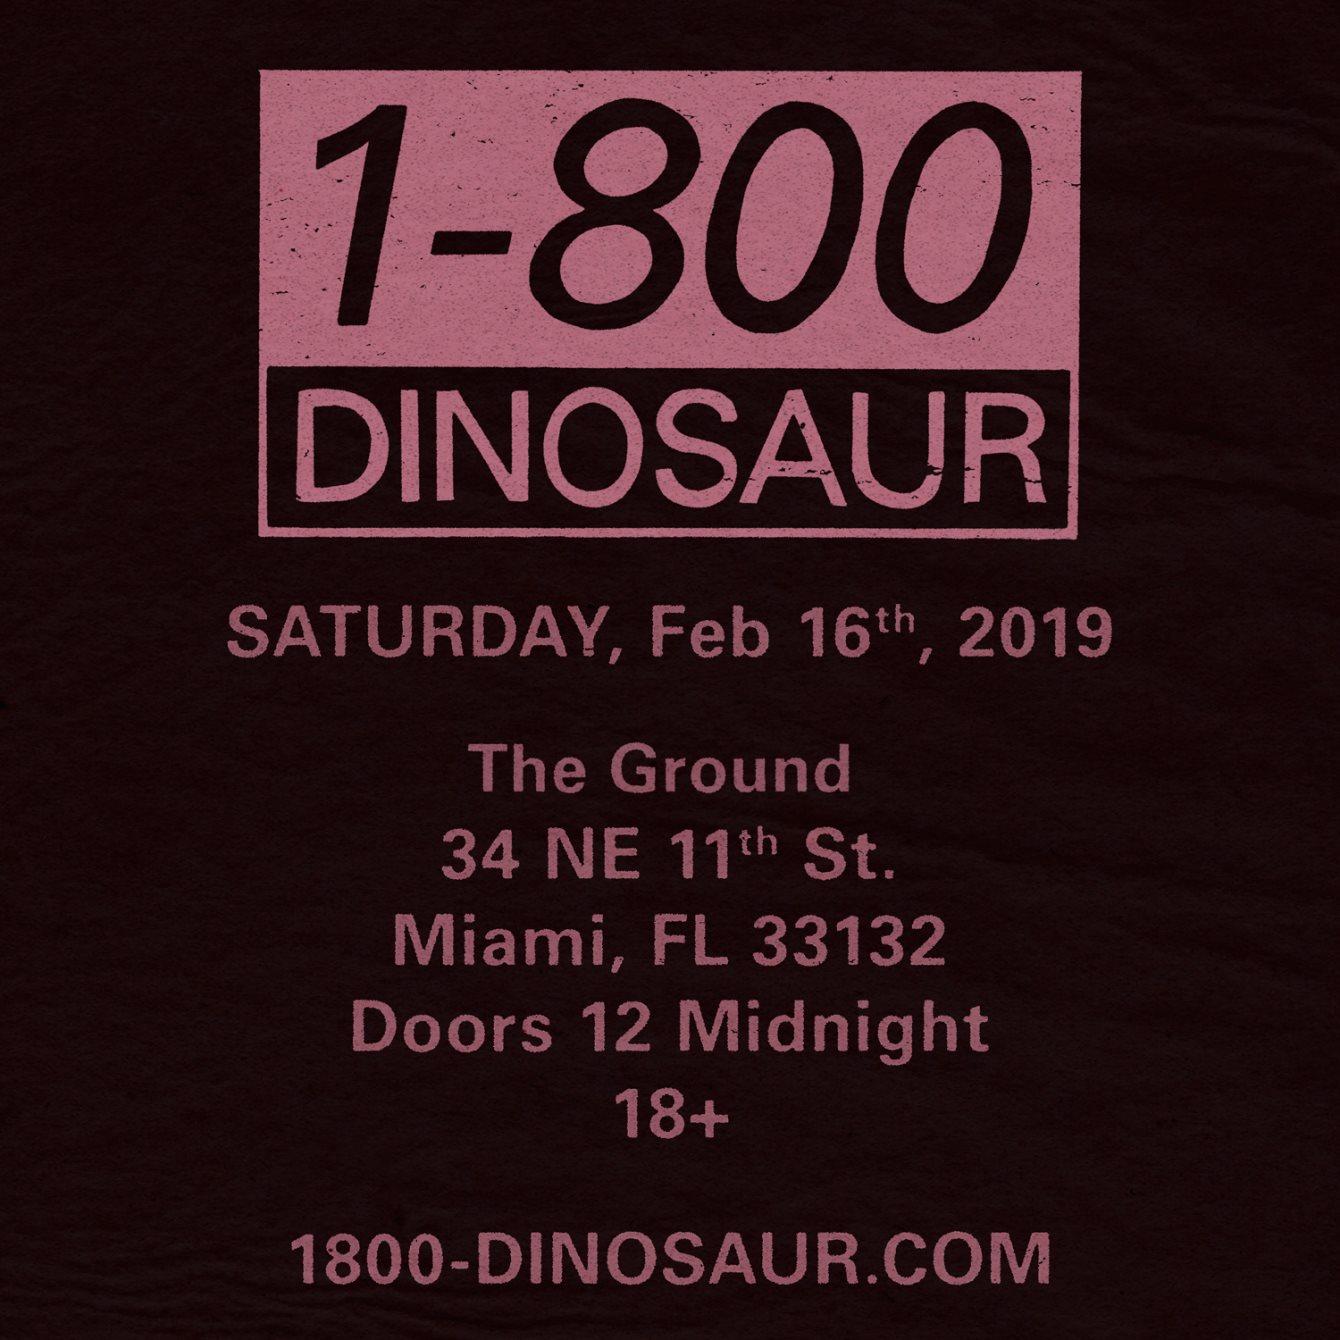 James Blake's 1-800 Dinosaur